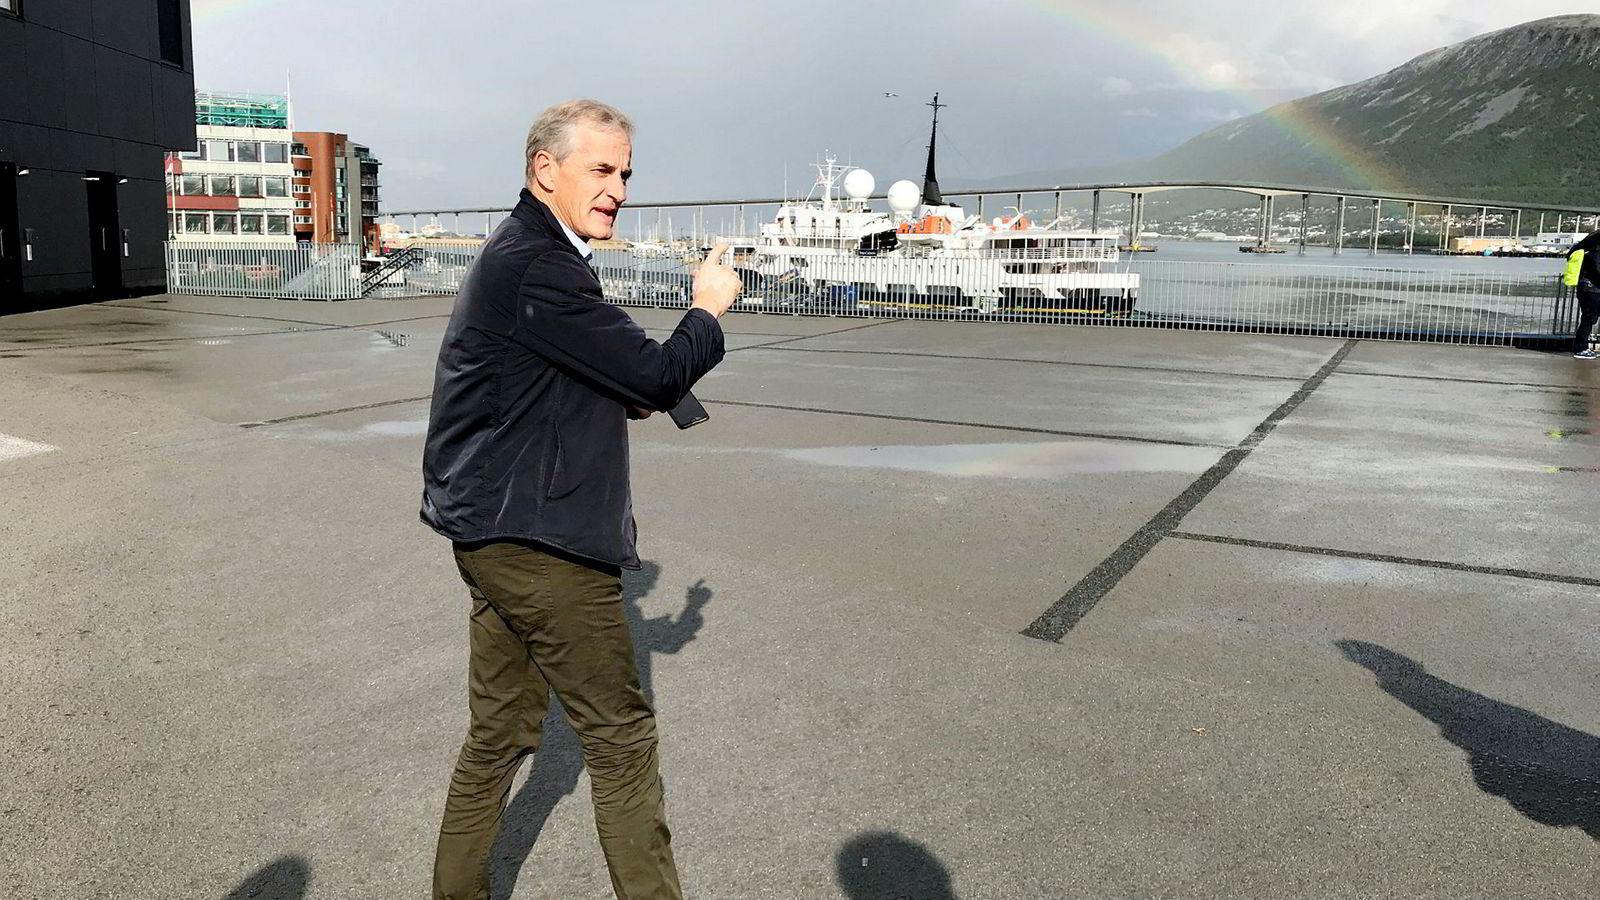 Er det gull i enden av regnbuen? Og velferdsprofitt i enden av fondsinvesteringen? Ap-leder Jonas Gahr Støre så i alle fall en regnbue da han var på valgkamp i Tromsø sist uke.